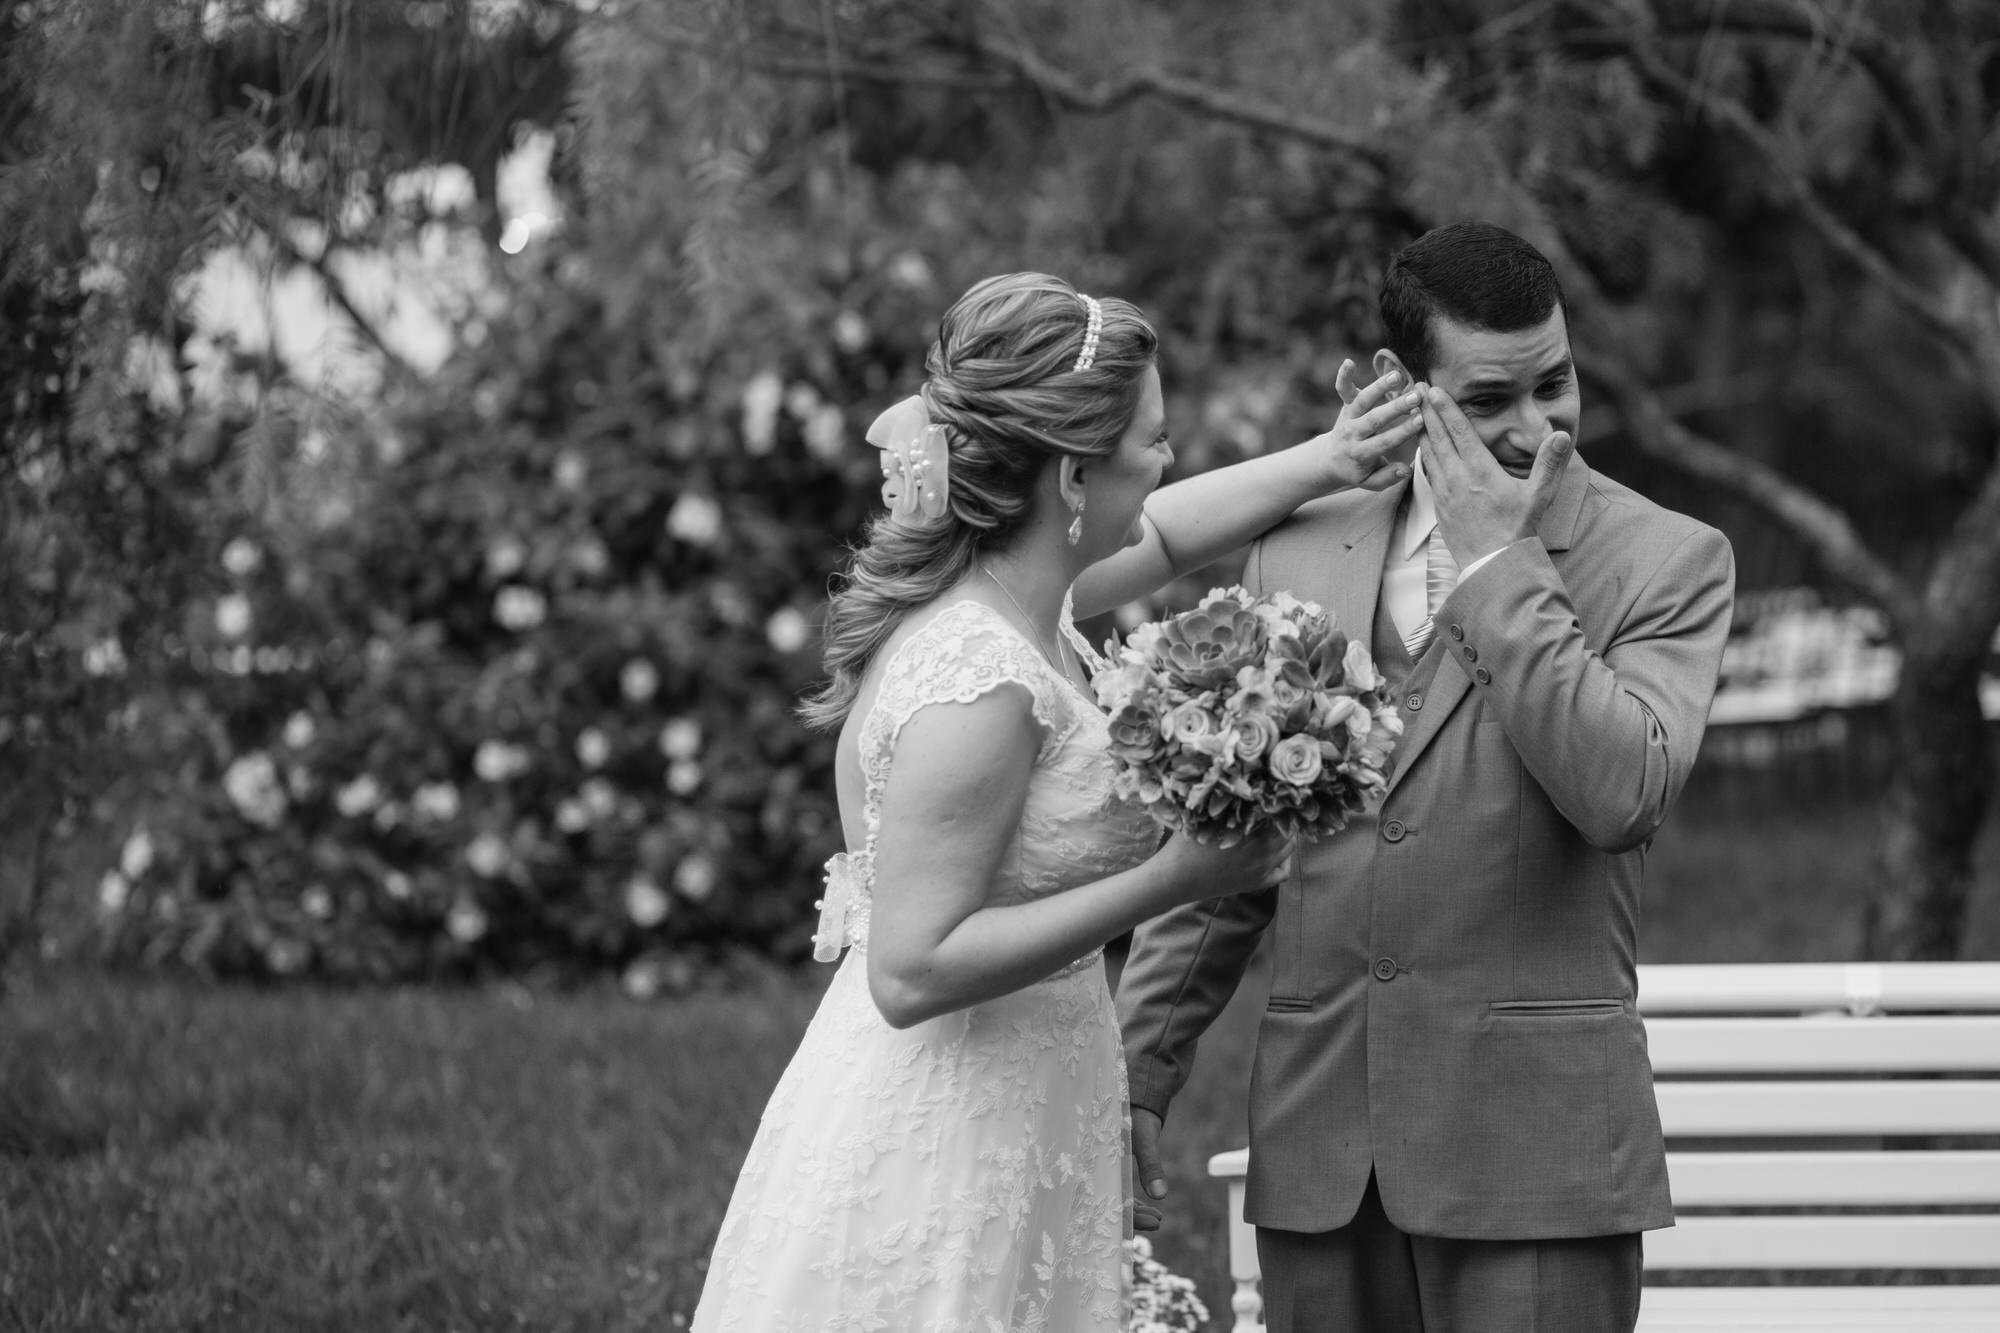 Fabio e Gisele - Casamento em Mundo Novo - MS por Lorran Souza e Léia Sotile - fotografo de casamentos - 00012